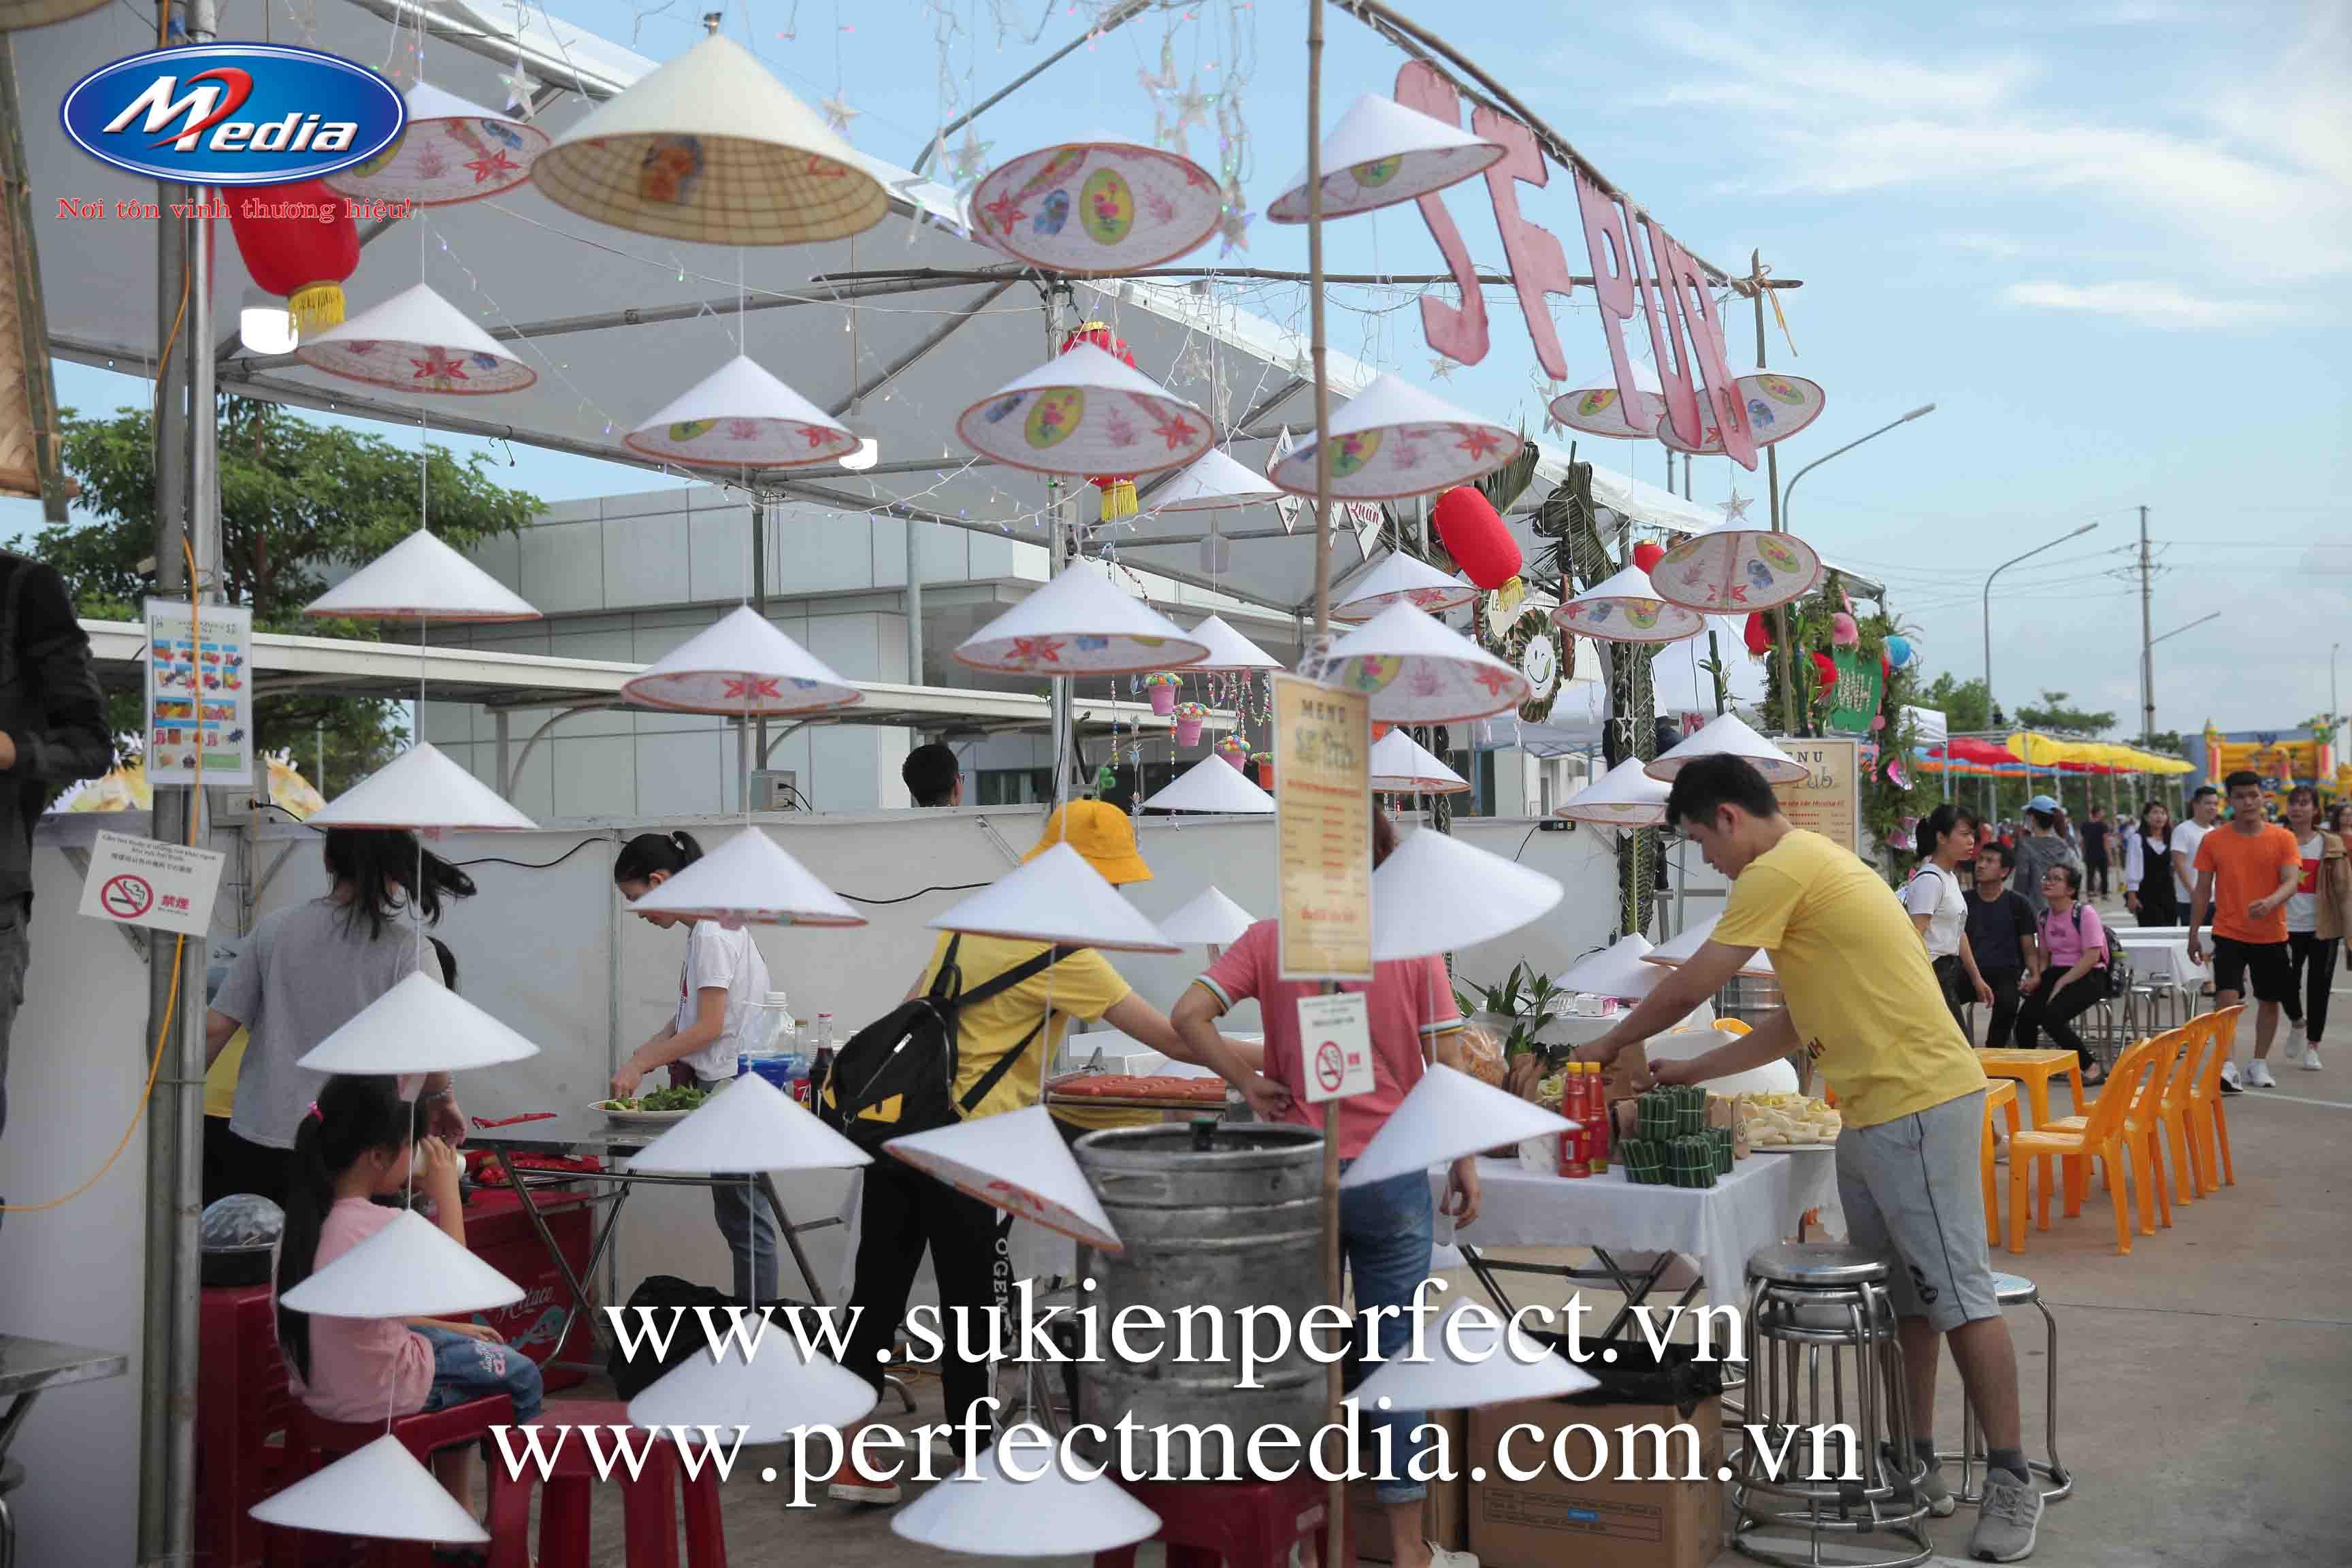 tổ chức sự kiện ngày hội Gia đình(Family day) tại Hà Nội